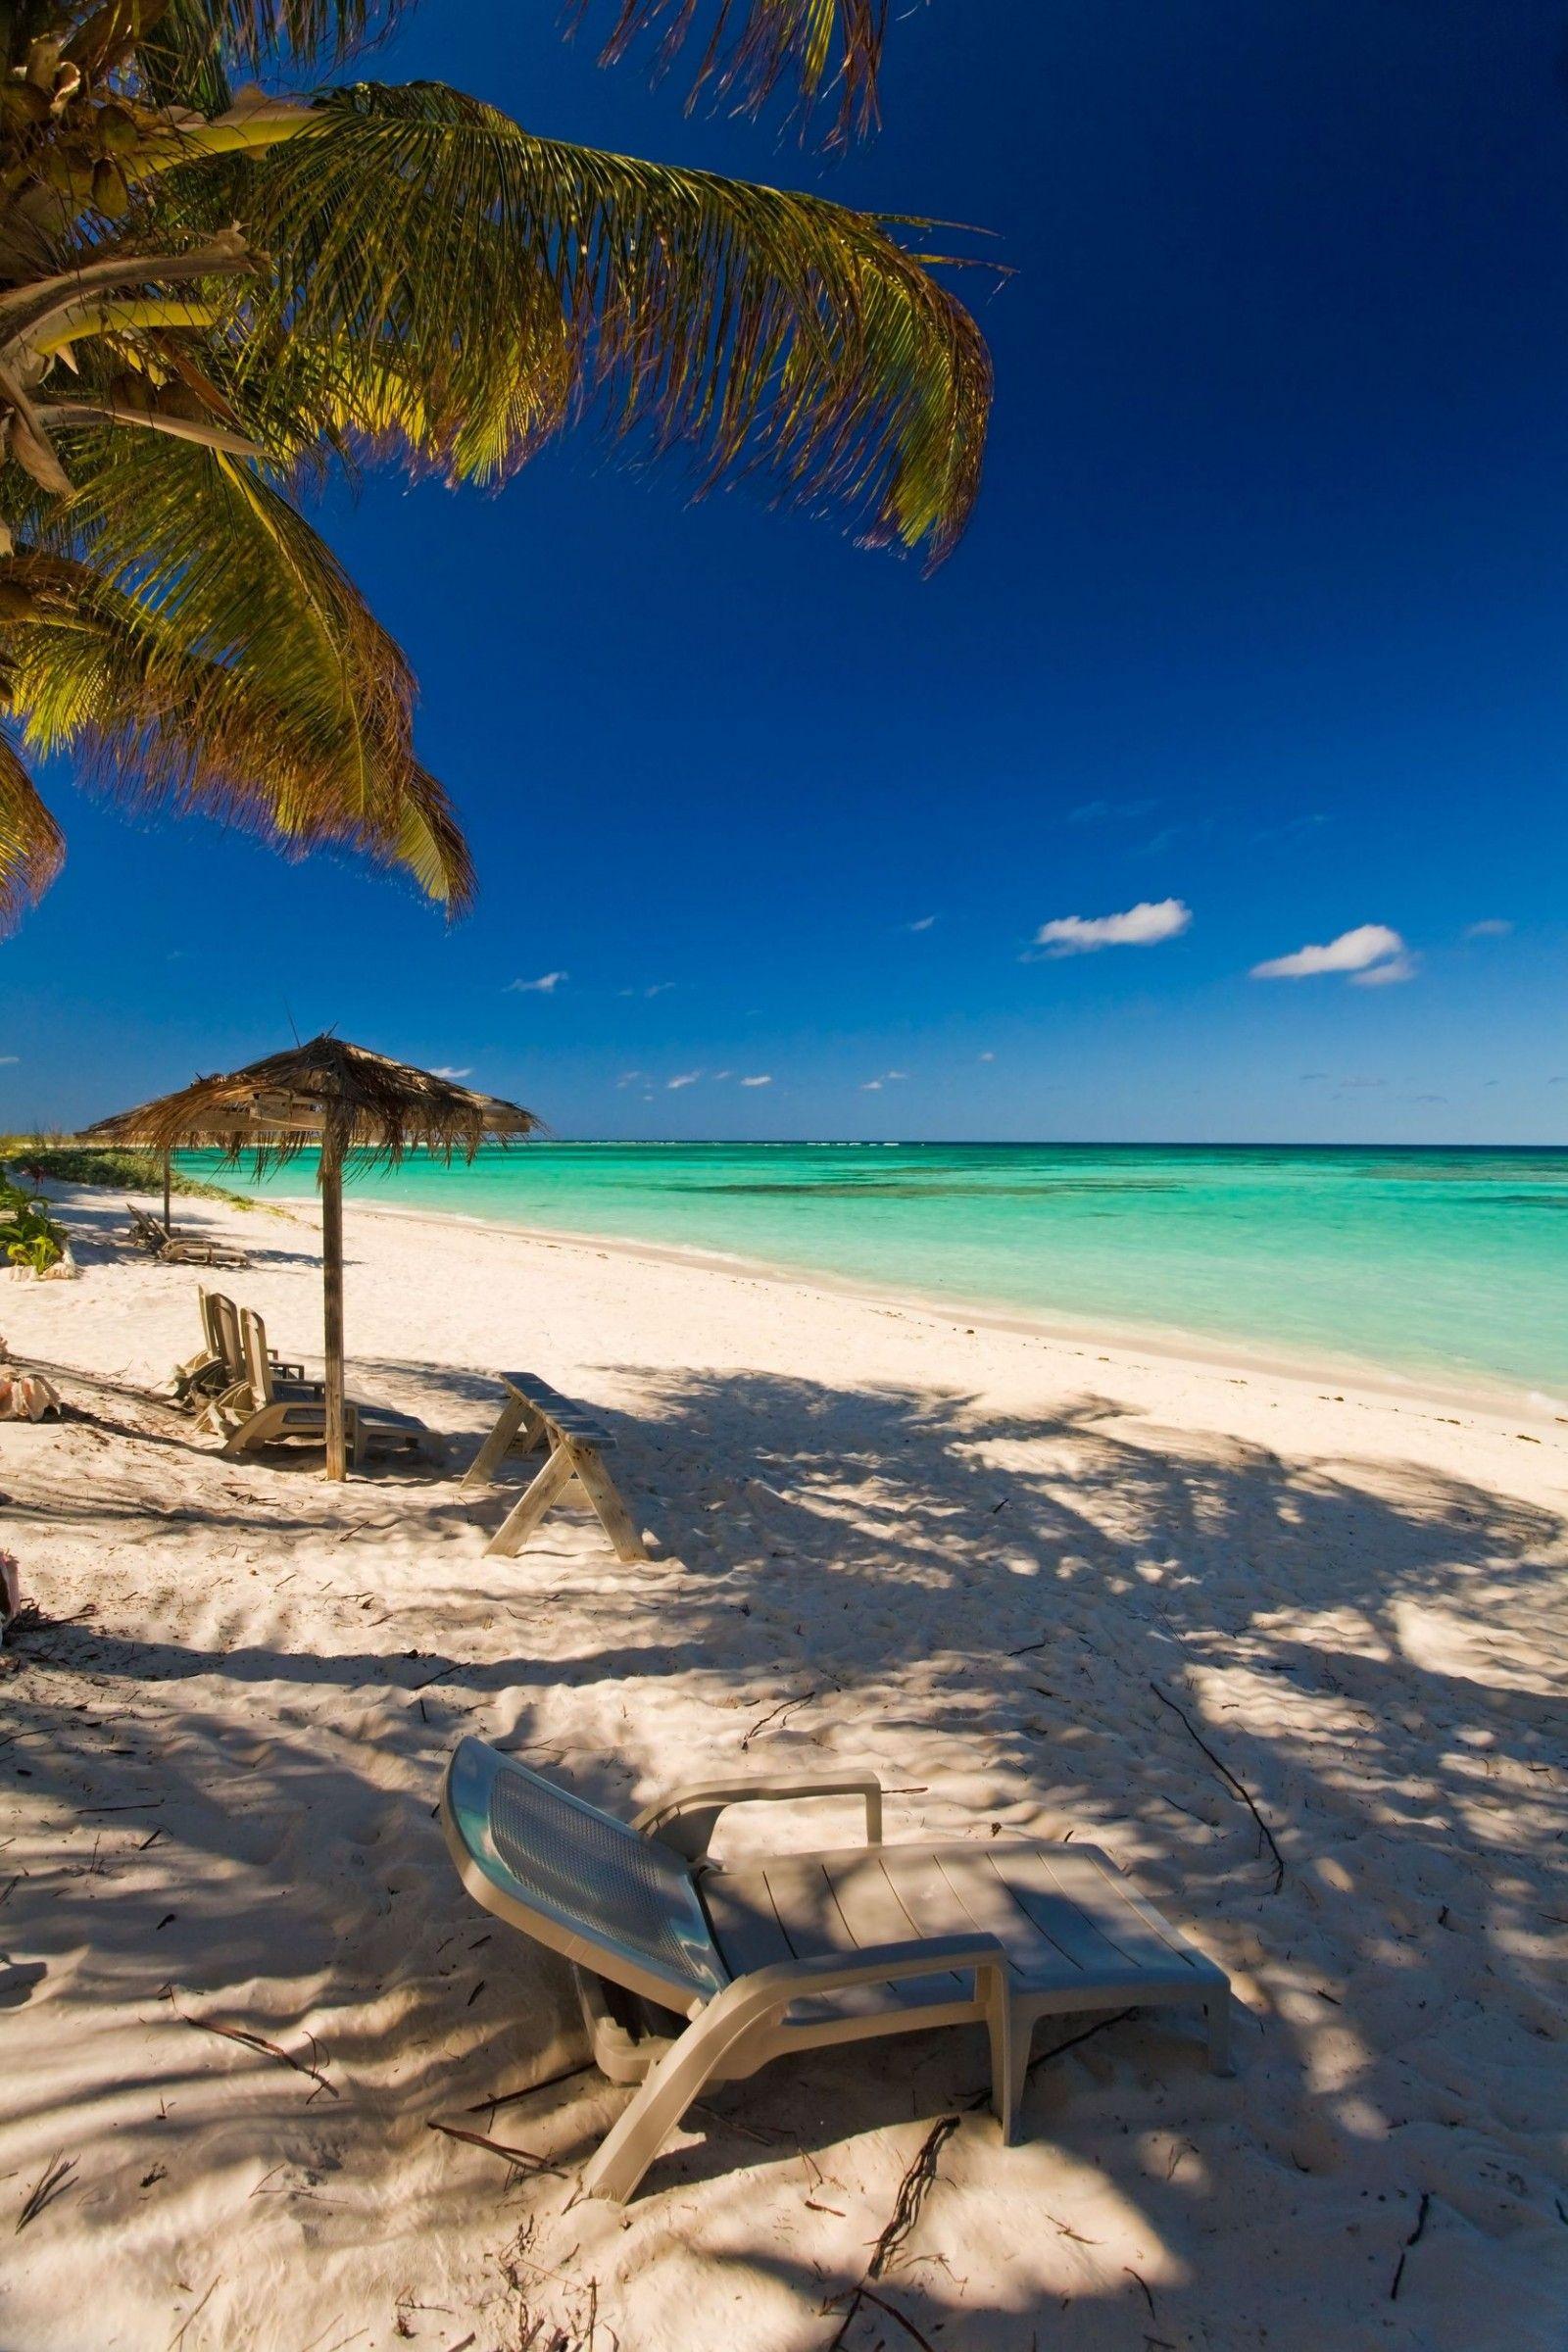 Anegada Anegada British Virgin Islands The Drowned